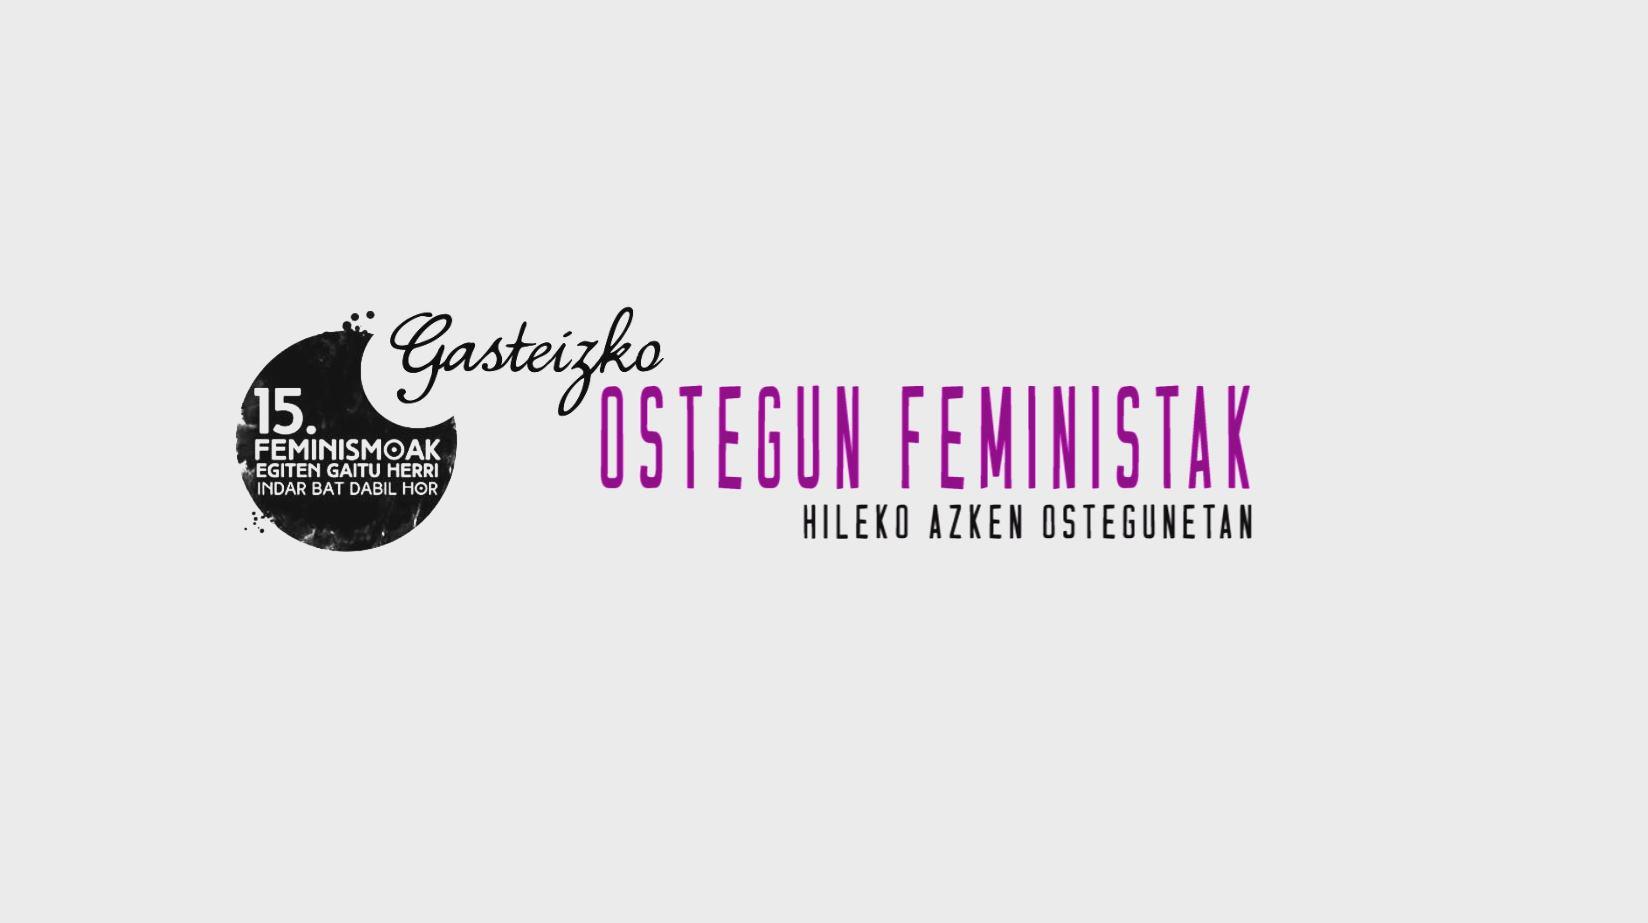 'Ostegun  Feministak'  Gasteizen,  Bilgune  Feministaren  15.  urteurrenaren  harira